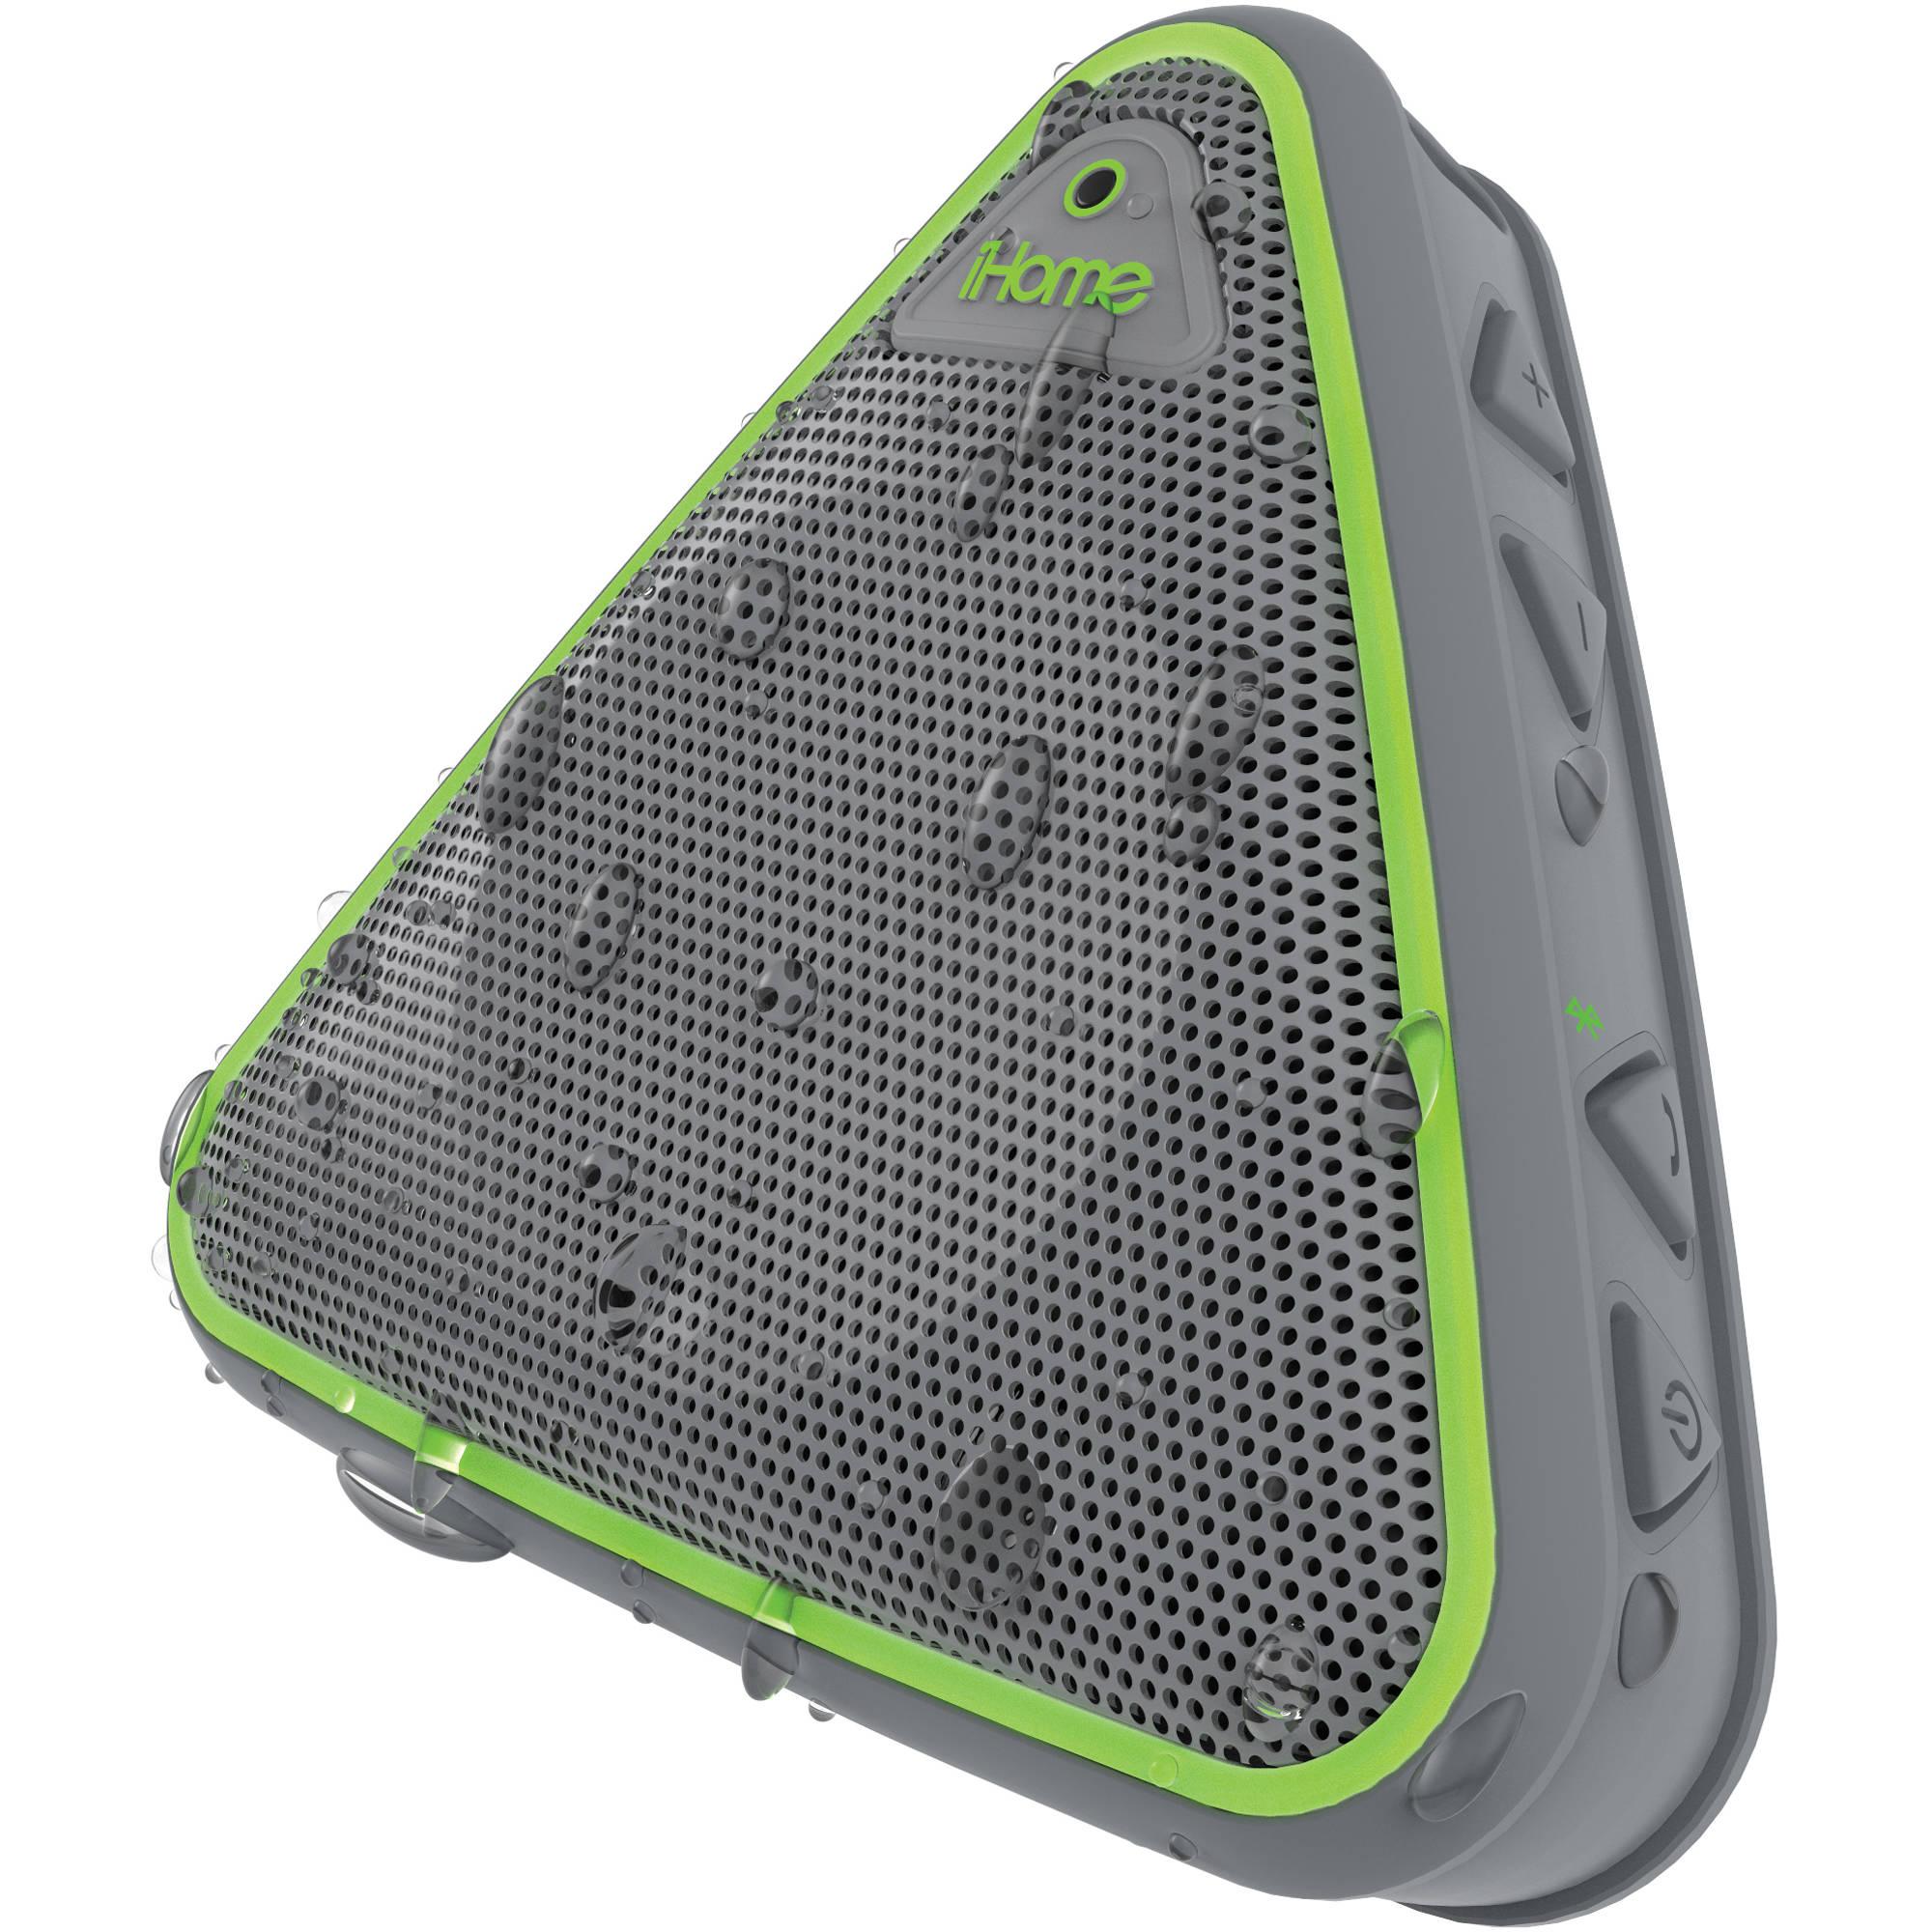 Ihome Ibt3 Splashproof Wireless Bluetooth Speaker Ibt3gqc B H